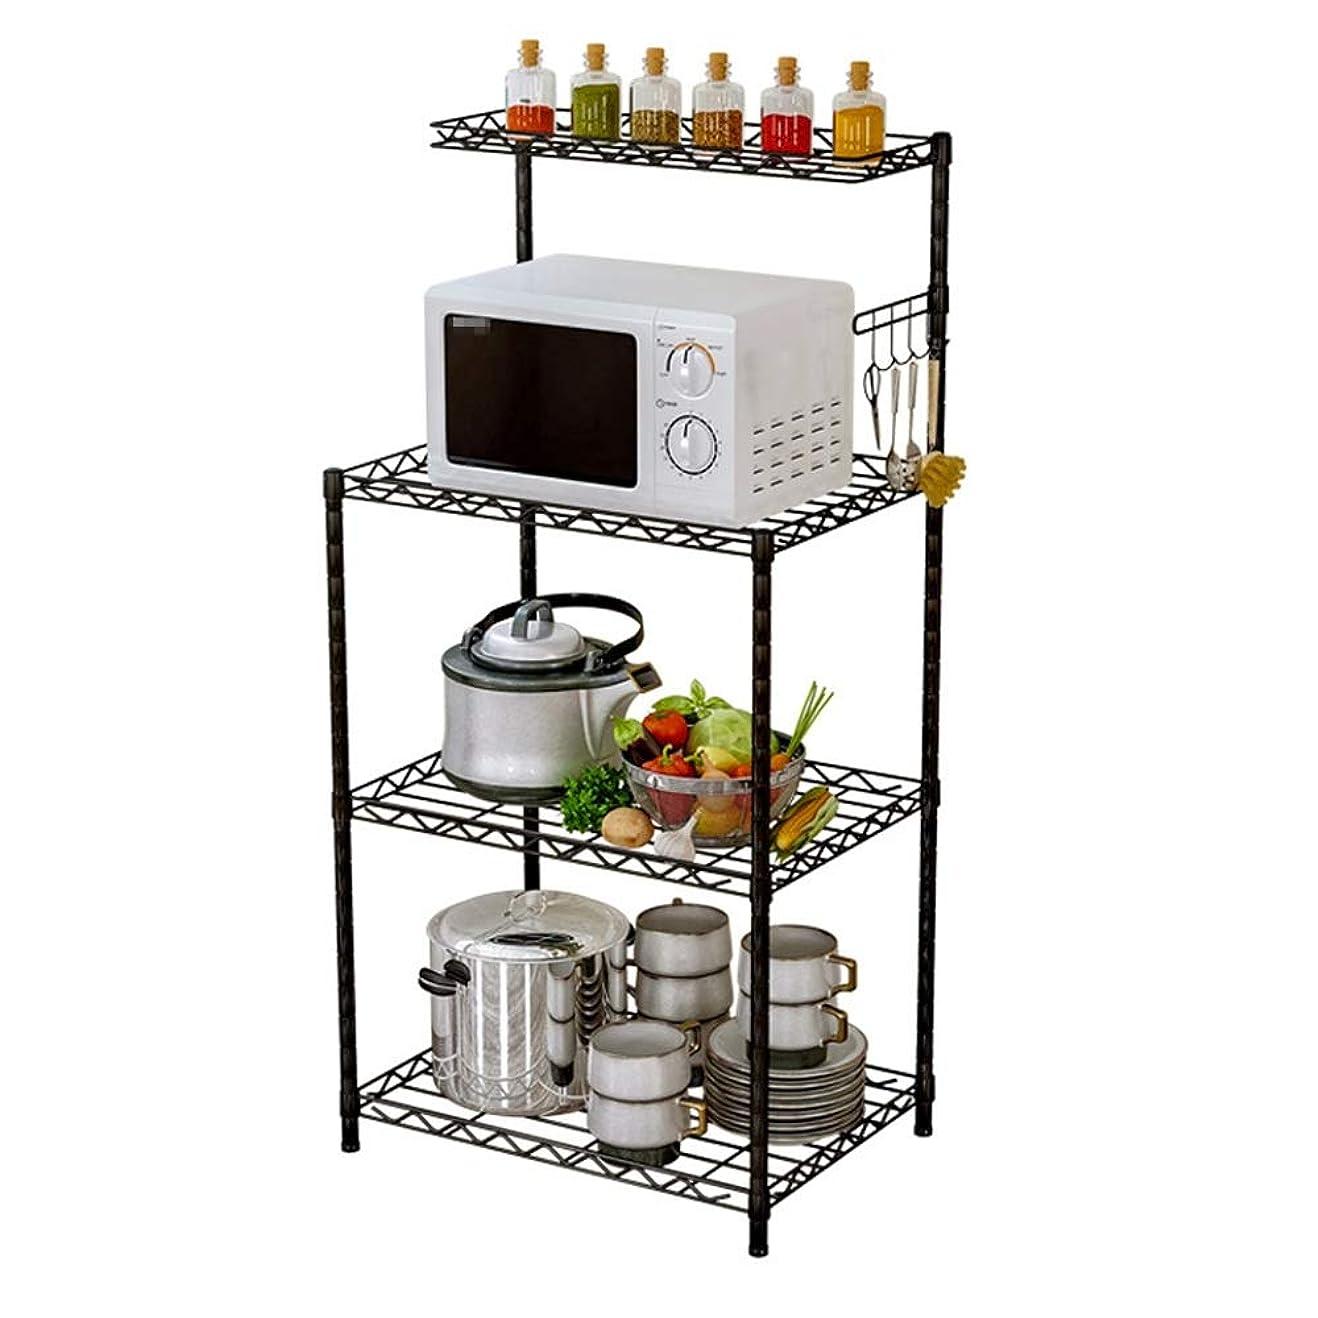 含む追跡欺レンジボード 3ティアの電子レンジワイヤーメッシュ棚フック付きキッチンオーブンラックスタンドラック キッチン収納 (Color : Black, Size : 122X58X35CM)